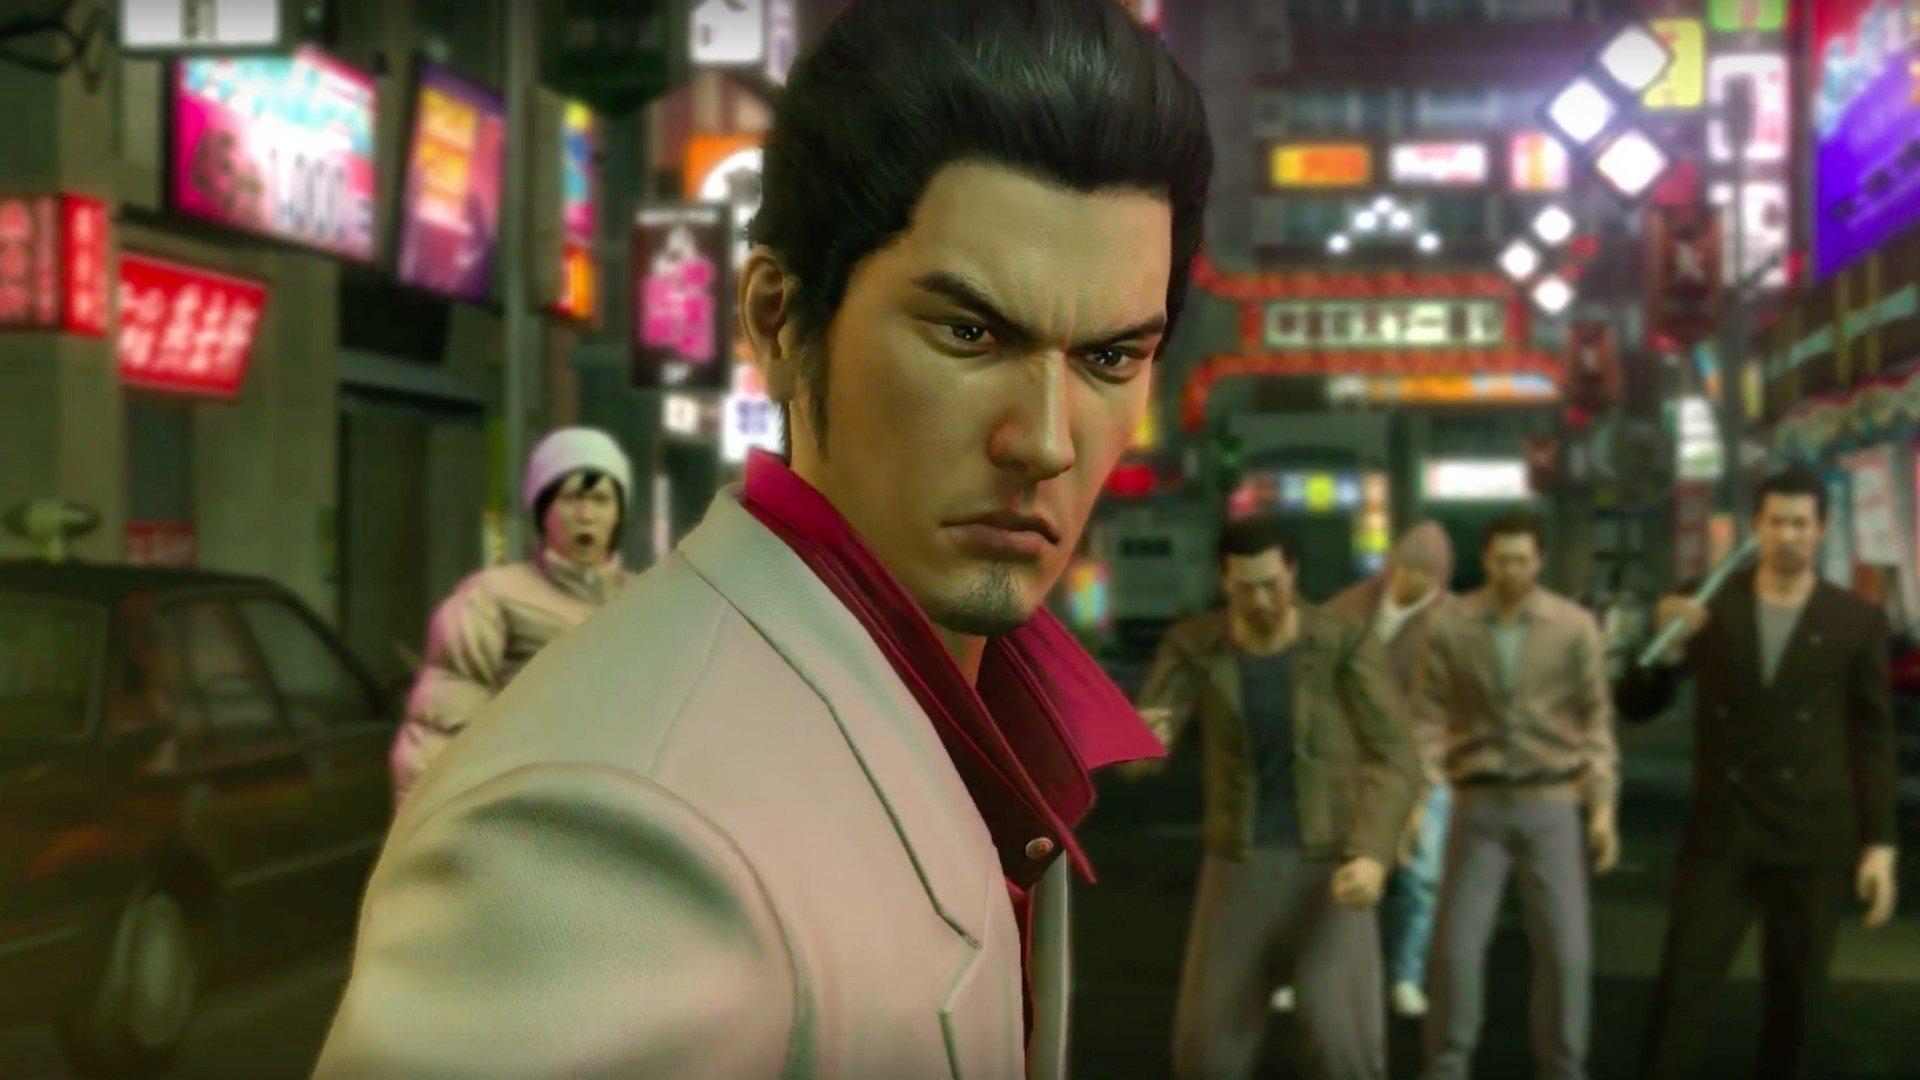 Yakuza 6 & Yakuza Kiwami Trailer Confirm Western Release - Rice